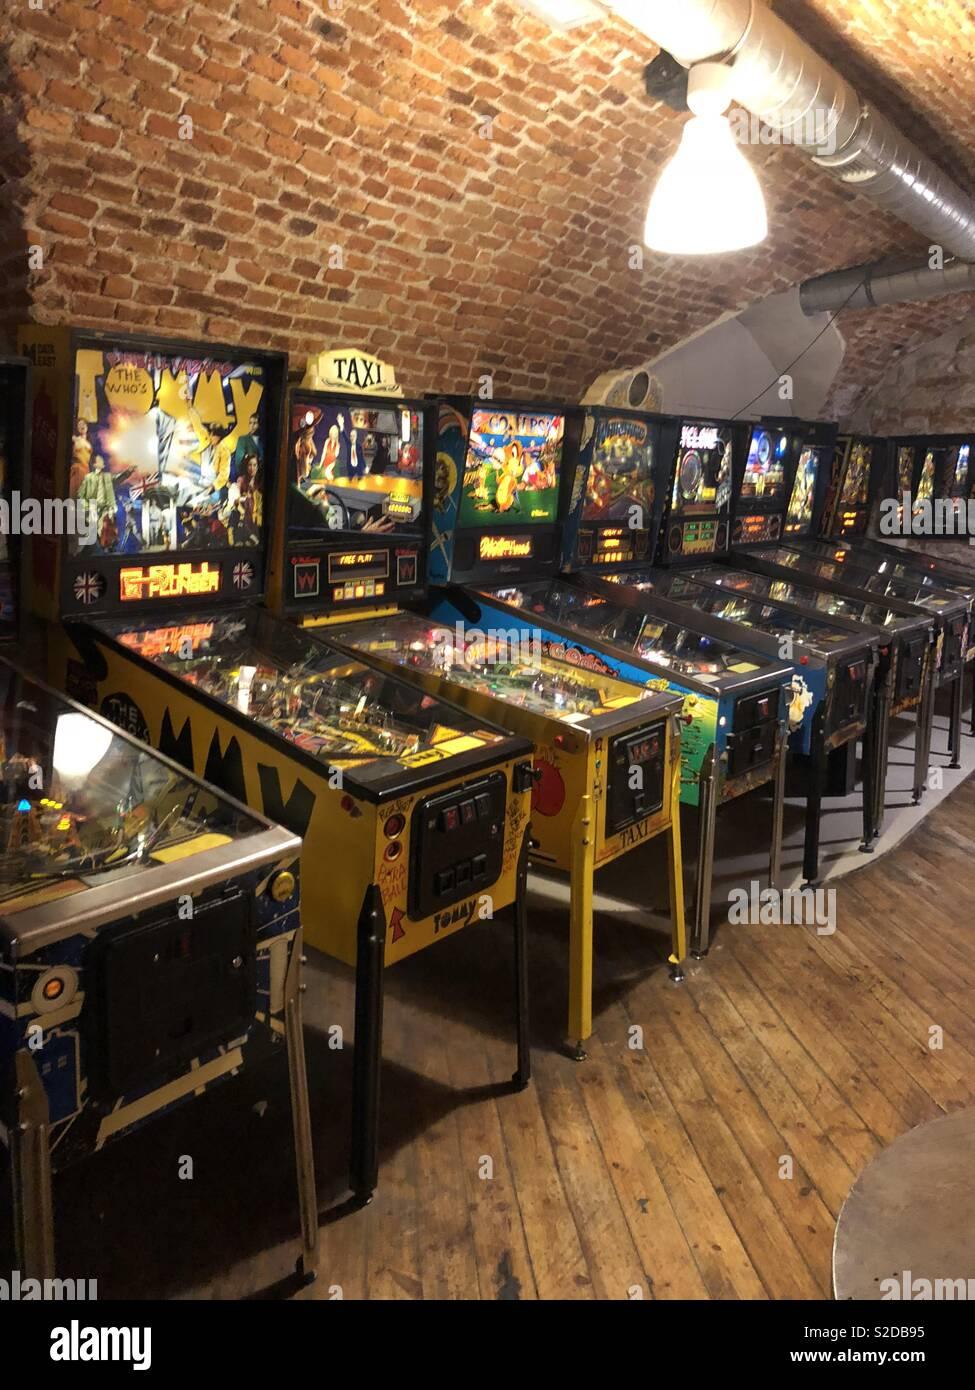 Pinball machines - Stock Image